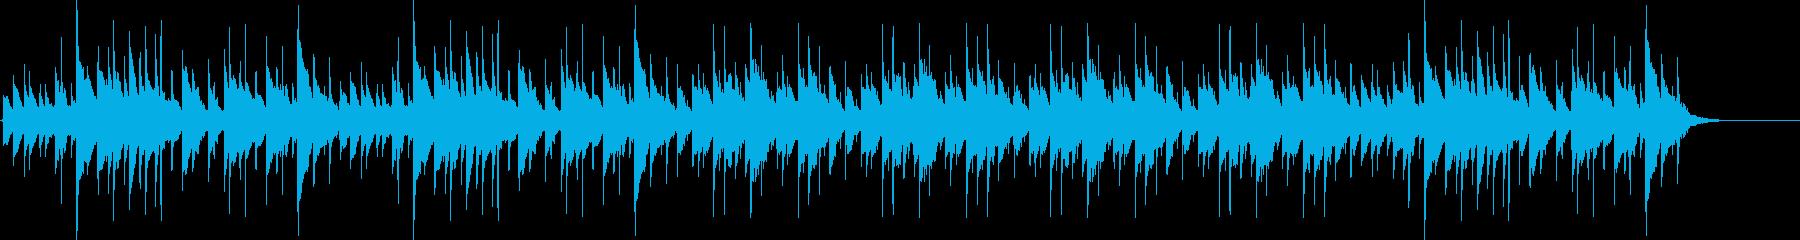 クールでスタイリッシュなハンドパンBGMの再生済みの波形